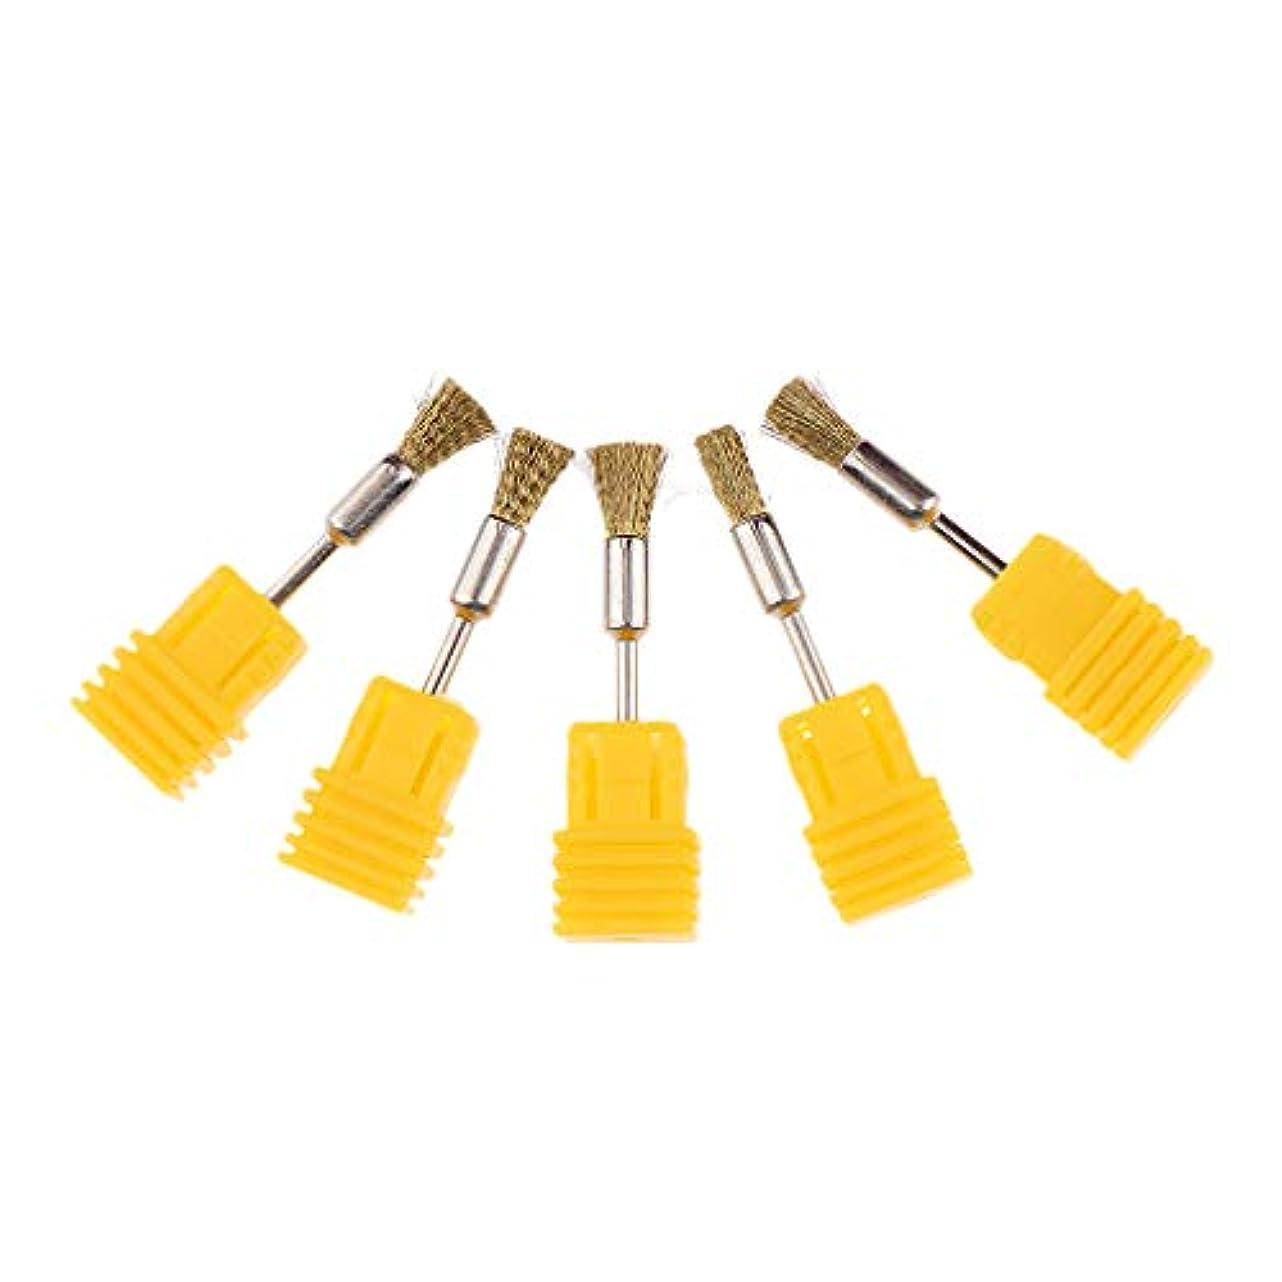 うれしい請負業者クレタ5パックネイルドリルビットクリーニングブラシセットマニキュアファイル電気ビットダストクリーナーブラシ、黄色